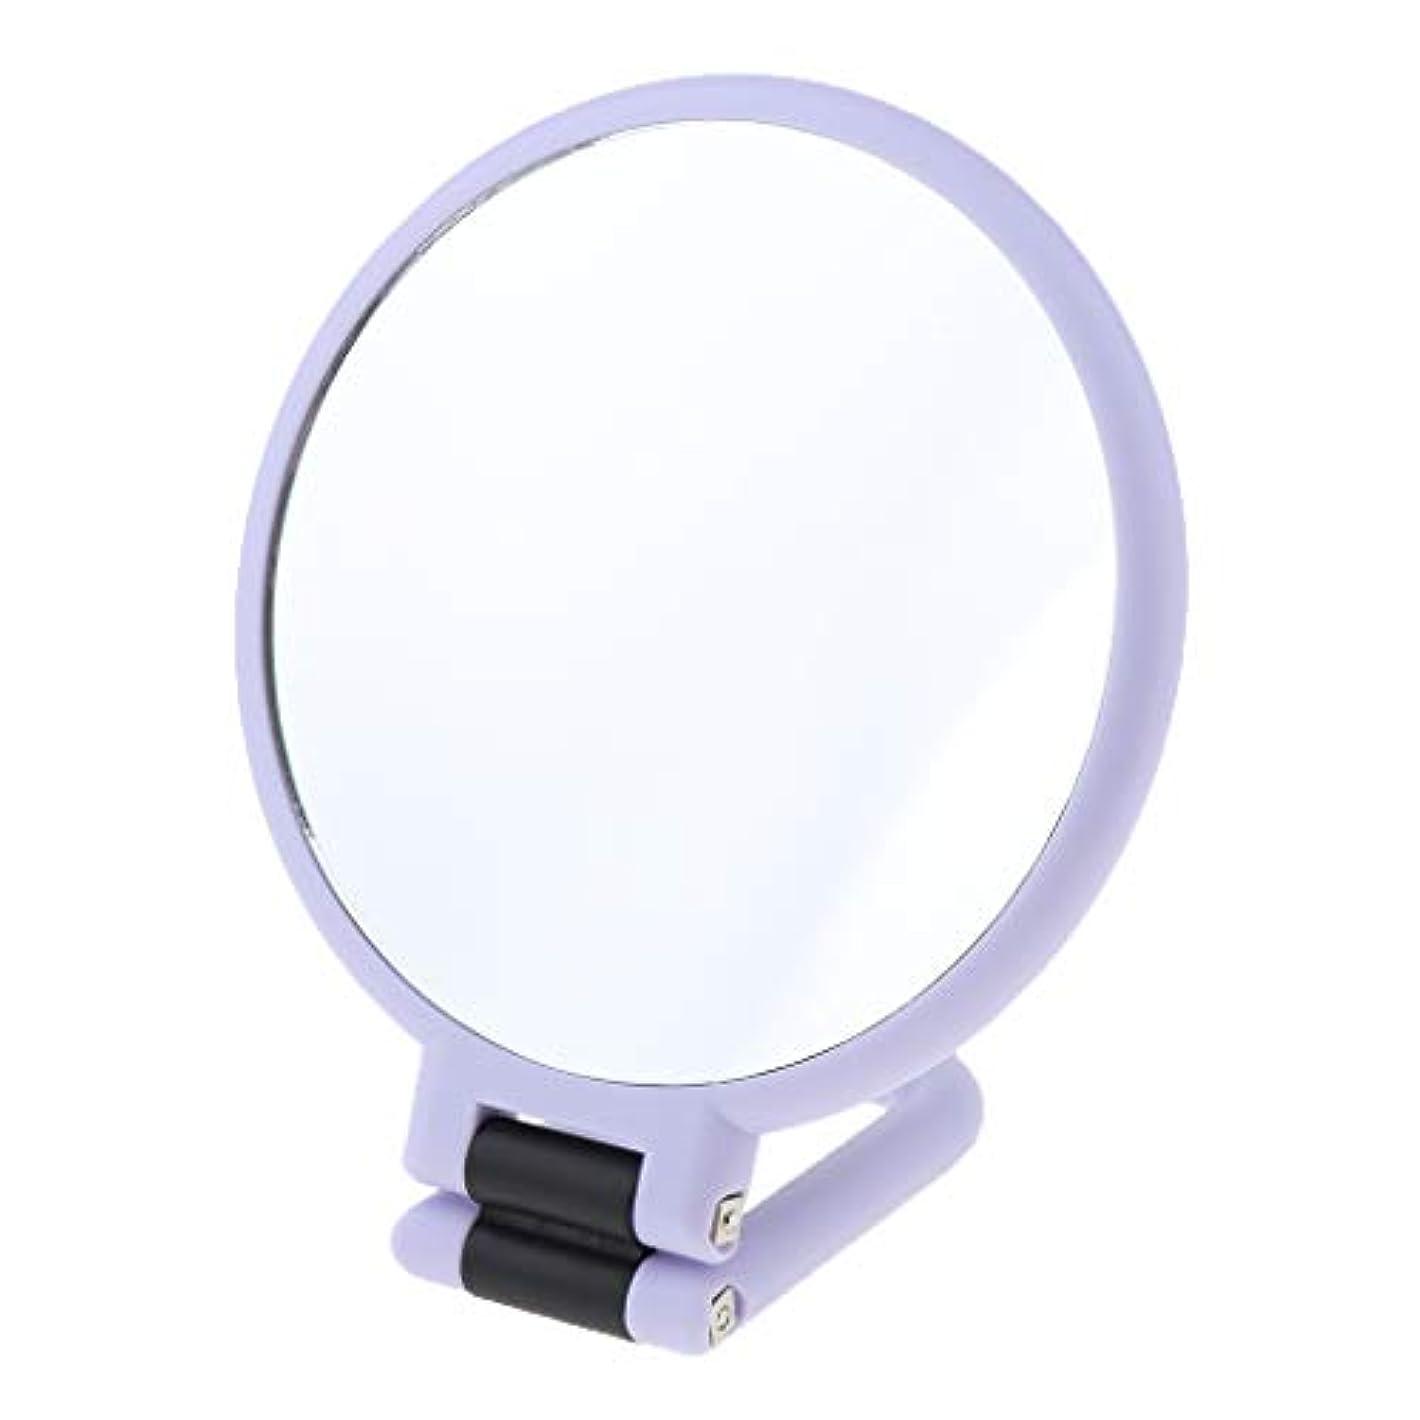 飲食店クレア樹木化粧鏡 メイクミラー 折り畳み式 卓上ミラー 手持ち型 トラベルミラー 全3サイズ - 2倍の拡大鏡